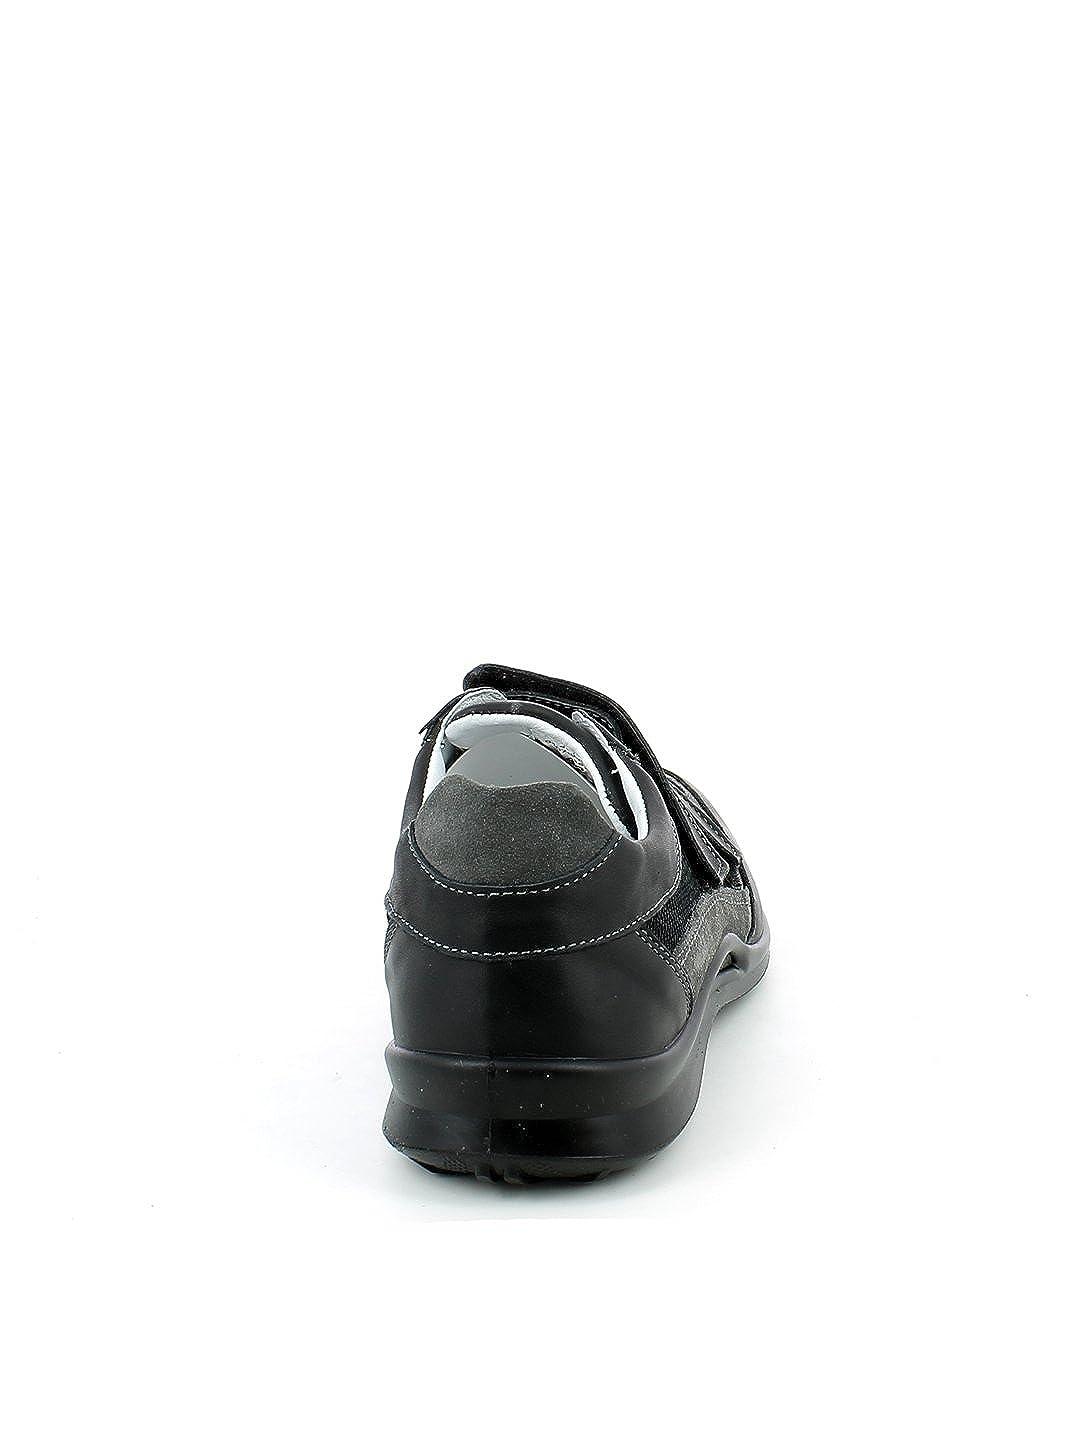 grigioport grigioport grigioport - Scarpa Sportiva con Stappi Nera 0cb8c3